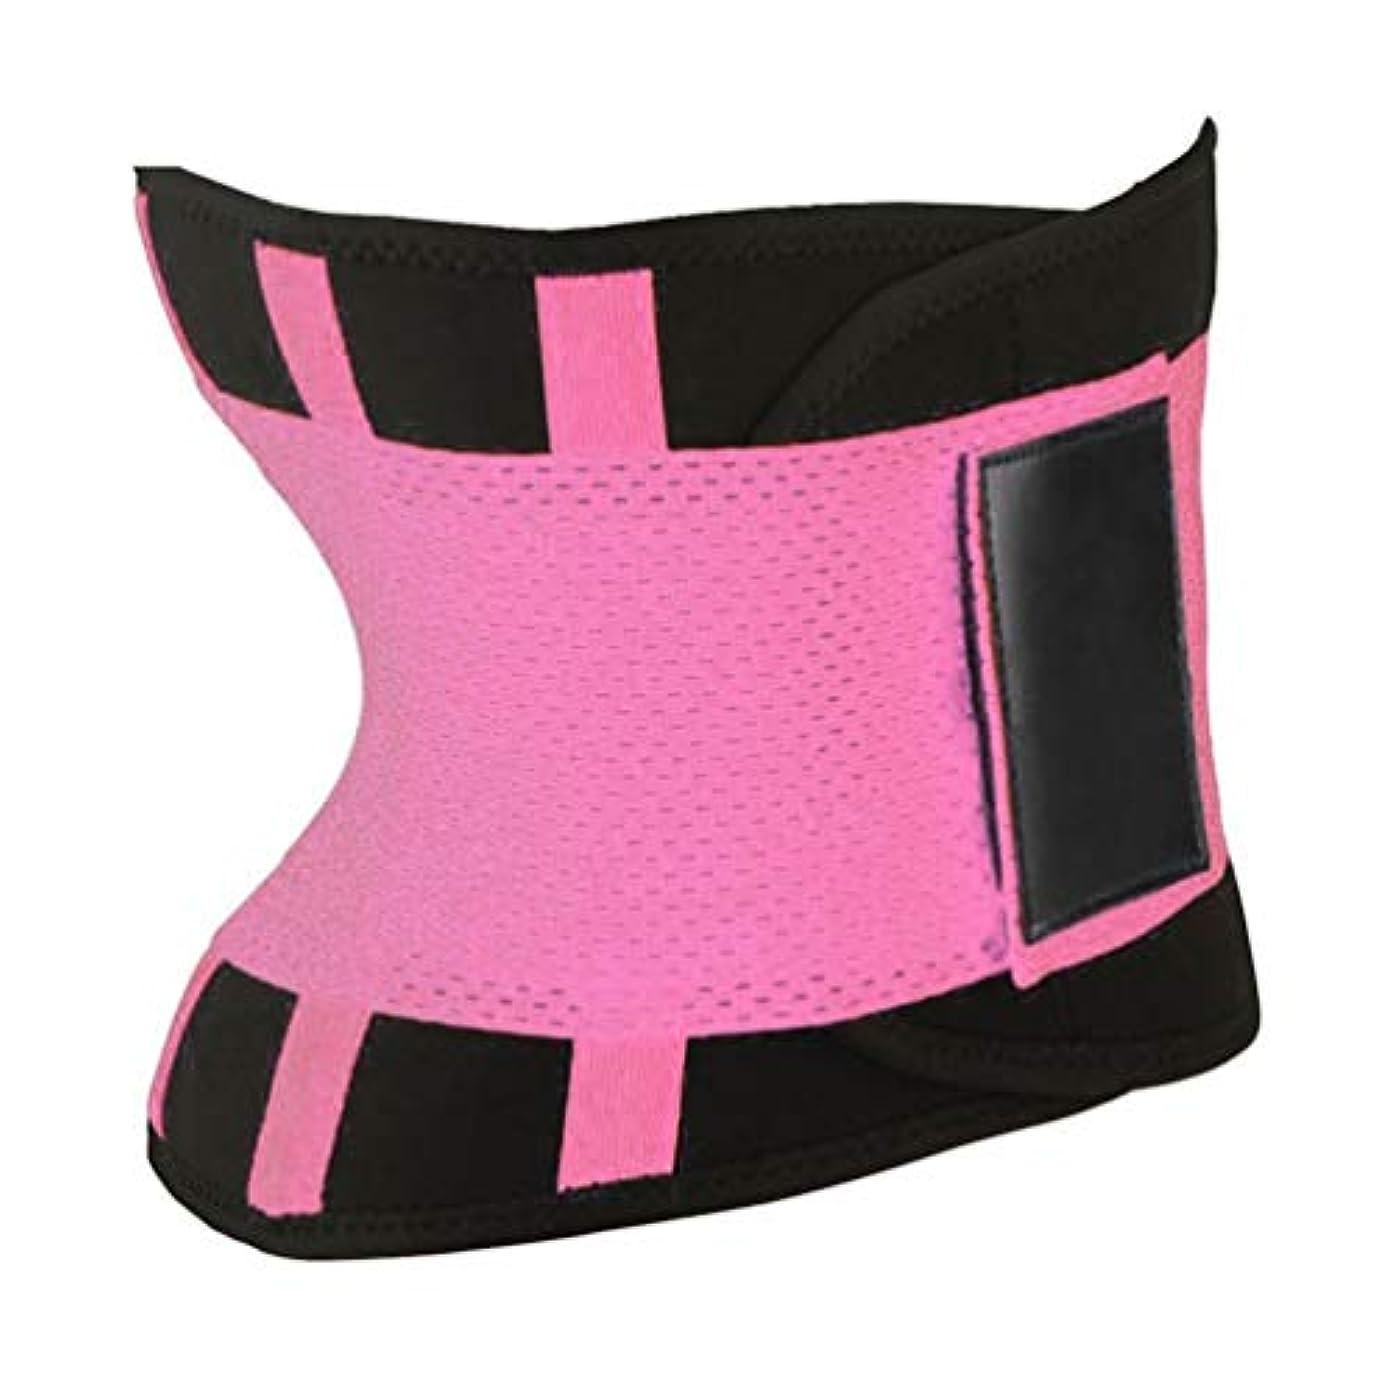 快適な女性ボディシェイパー痩身シェイパーベルトスポーツ女性ウエストトレーナーニッパー制御バーニングボディおなかベルト - ピンクM